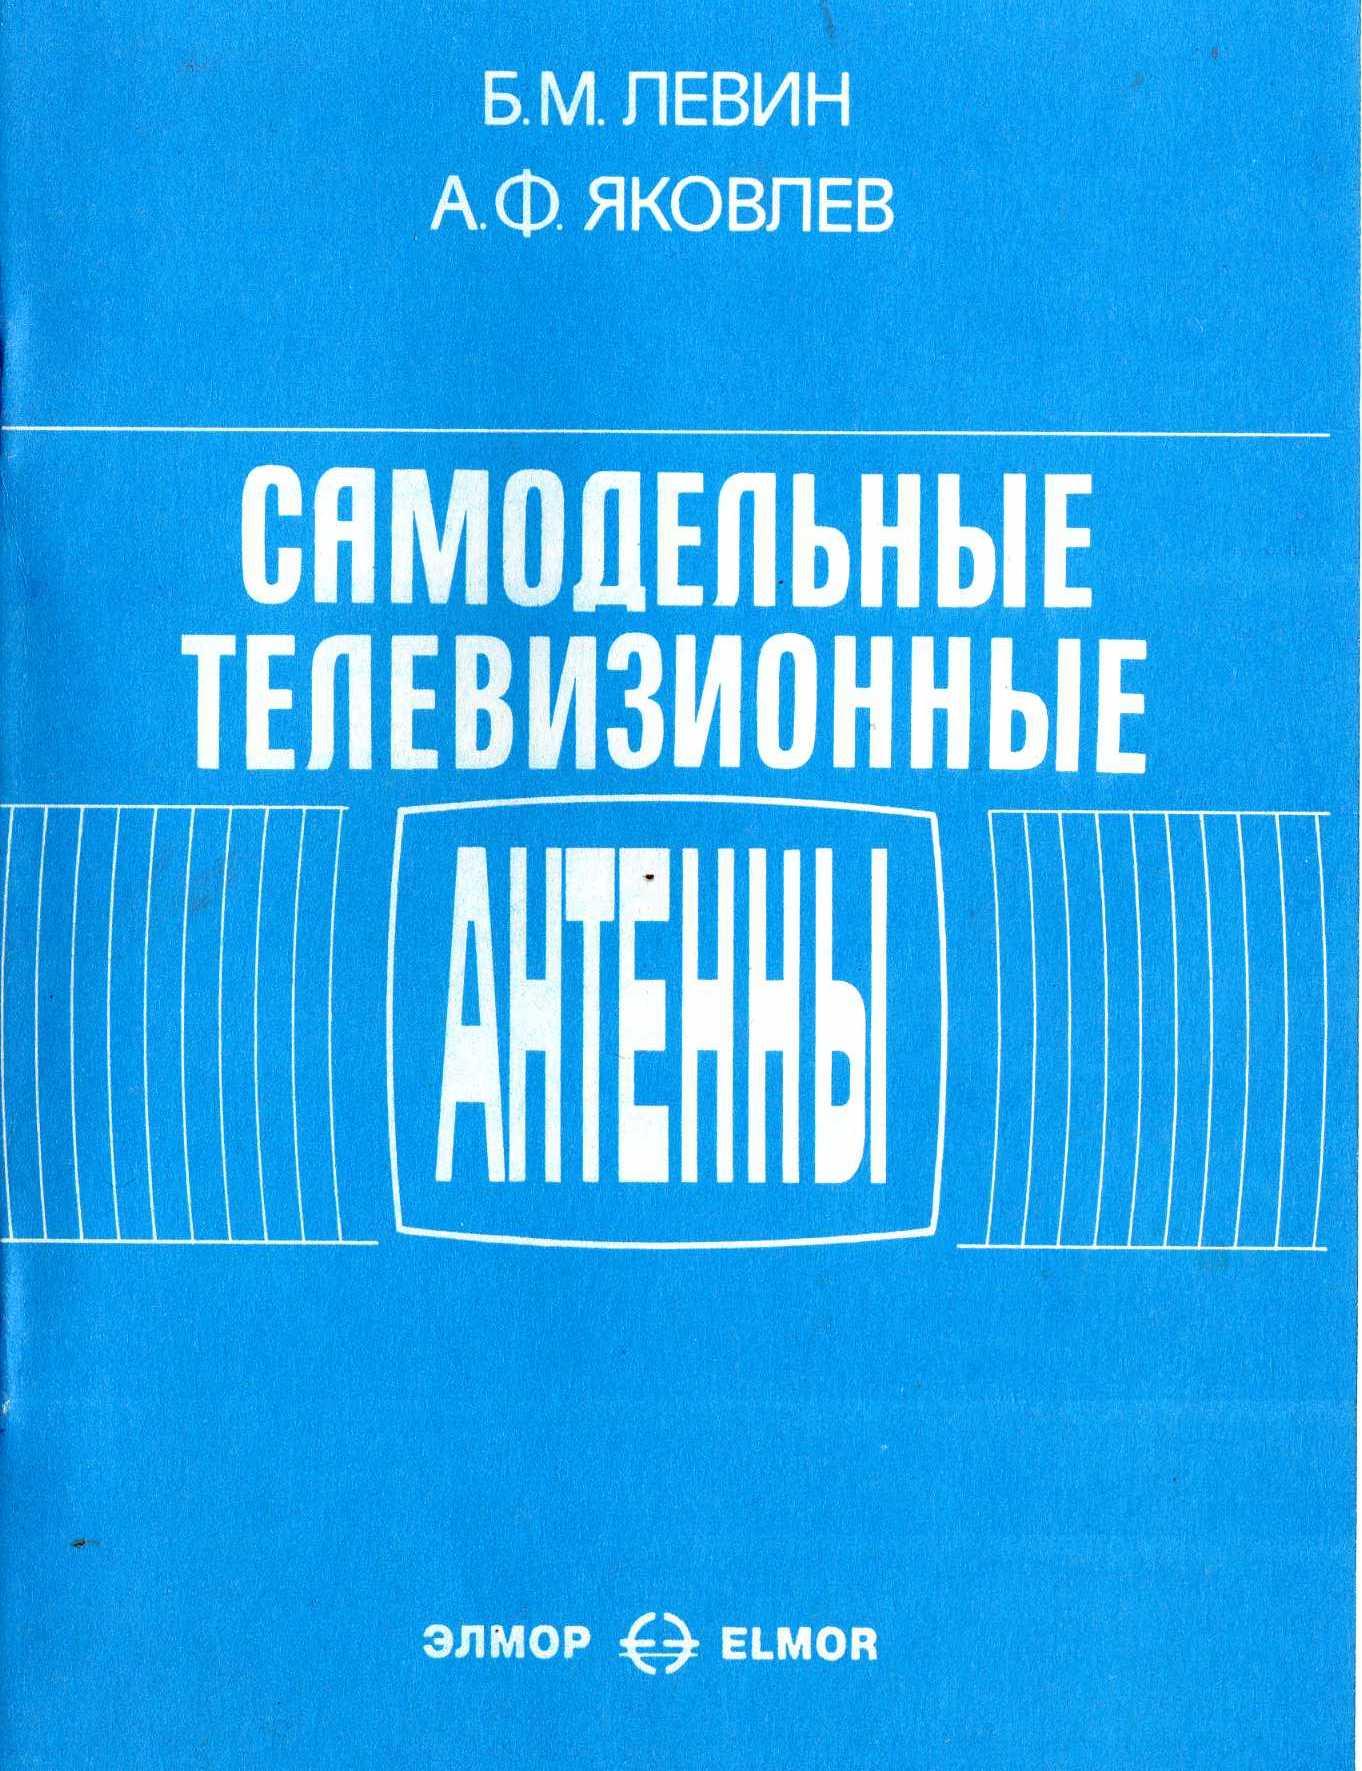 Текст книги Самодельные телевизионные антенны. Захаров о.г. 2013.